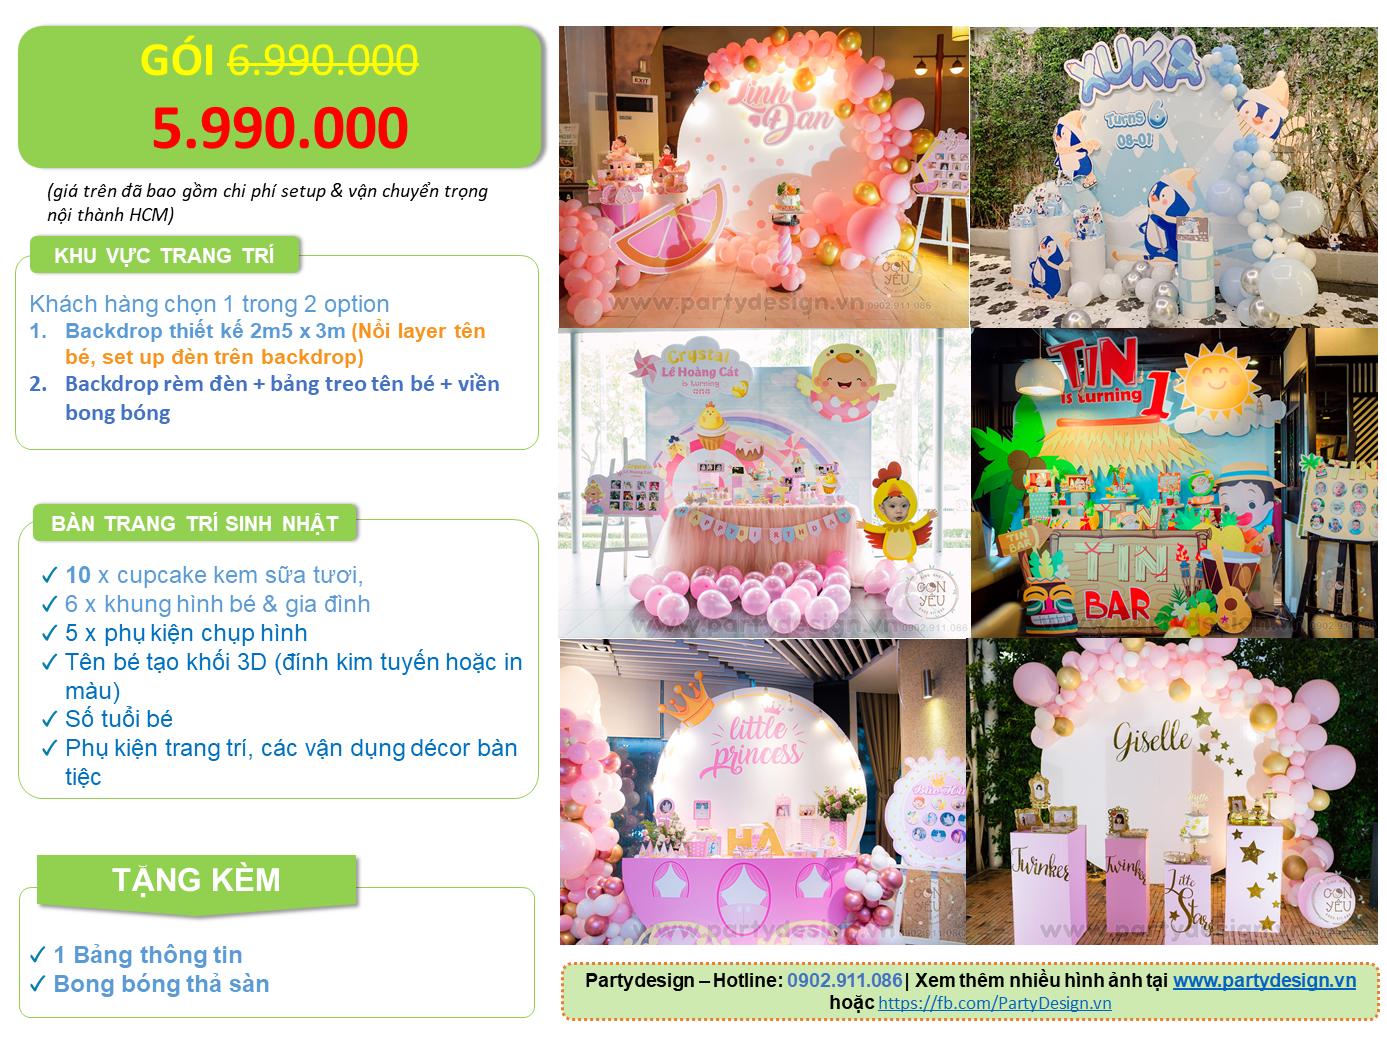 Gói trang trí sinh nhật 5,.990.000